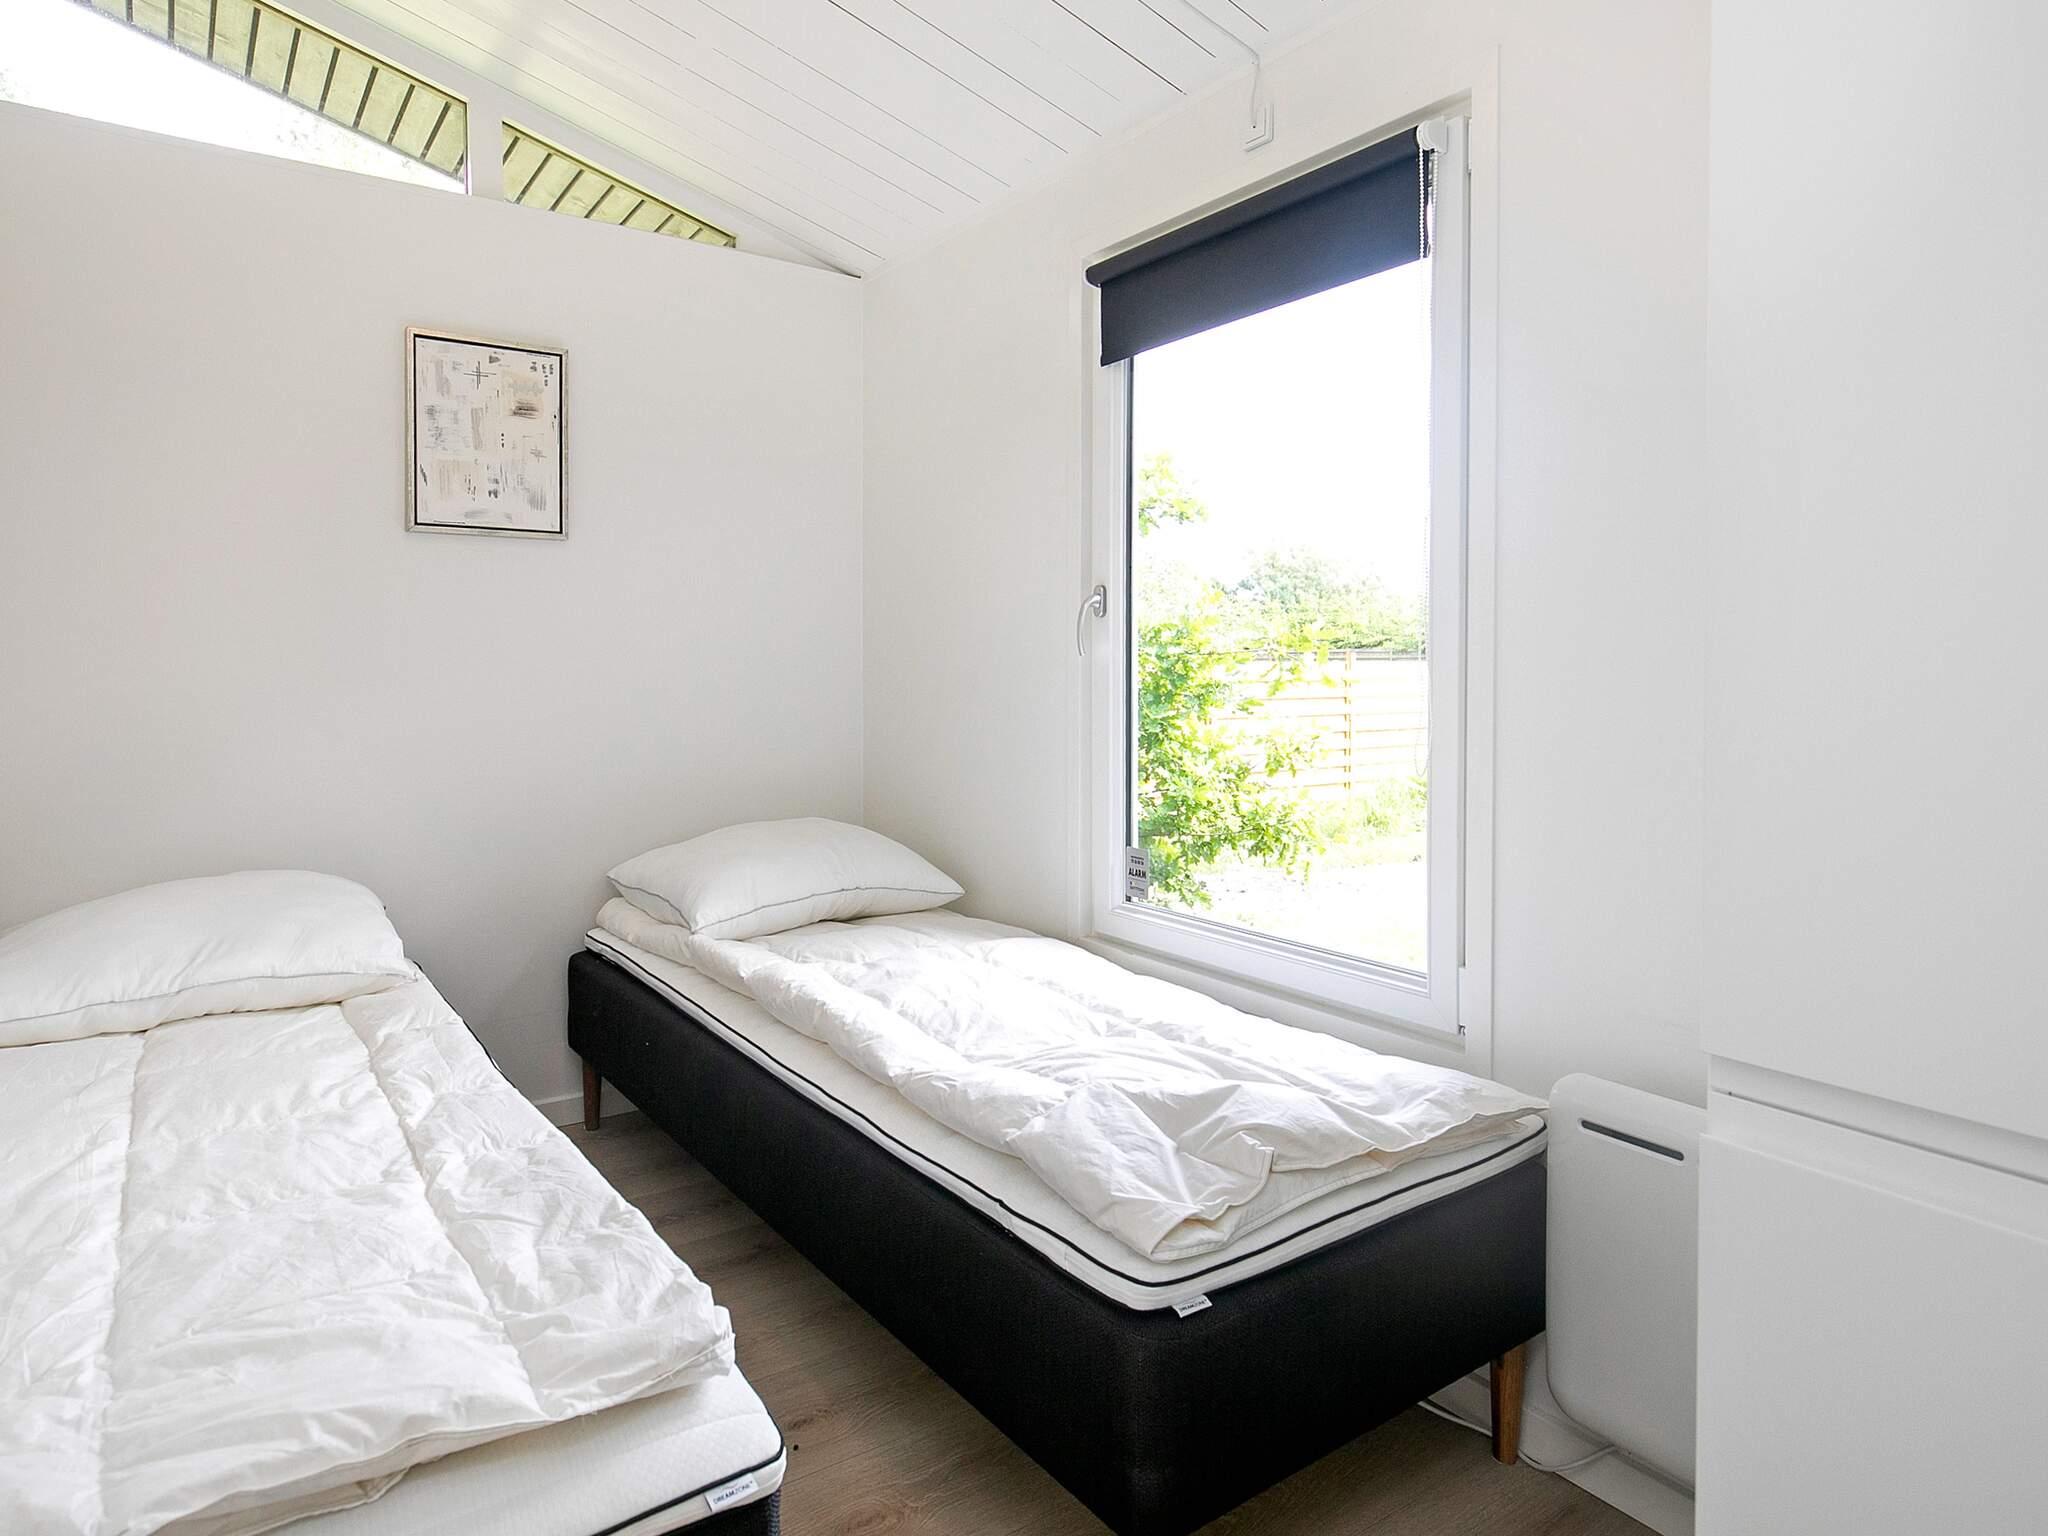 Ferienhaus Hou (2567401), Hou, , Dänische Ostsee, Dänemark, Bild 4